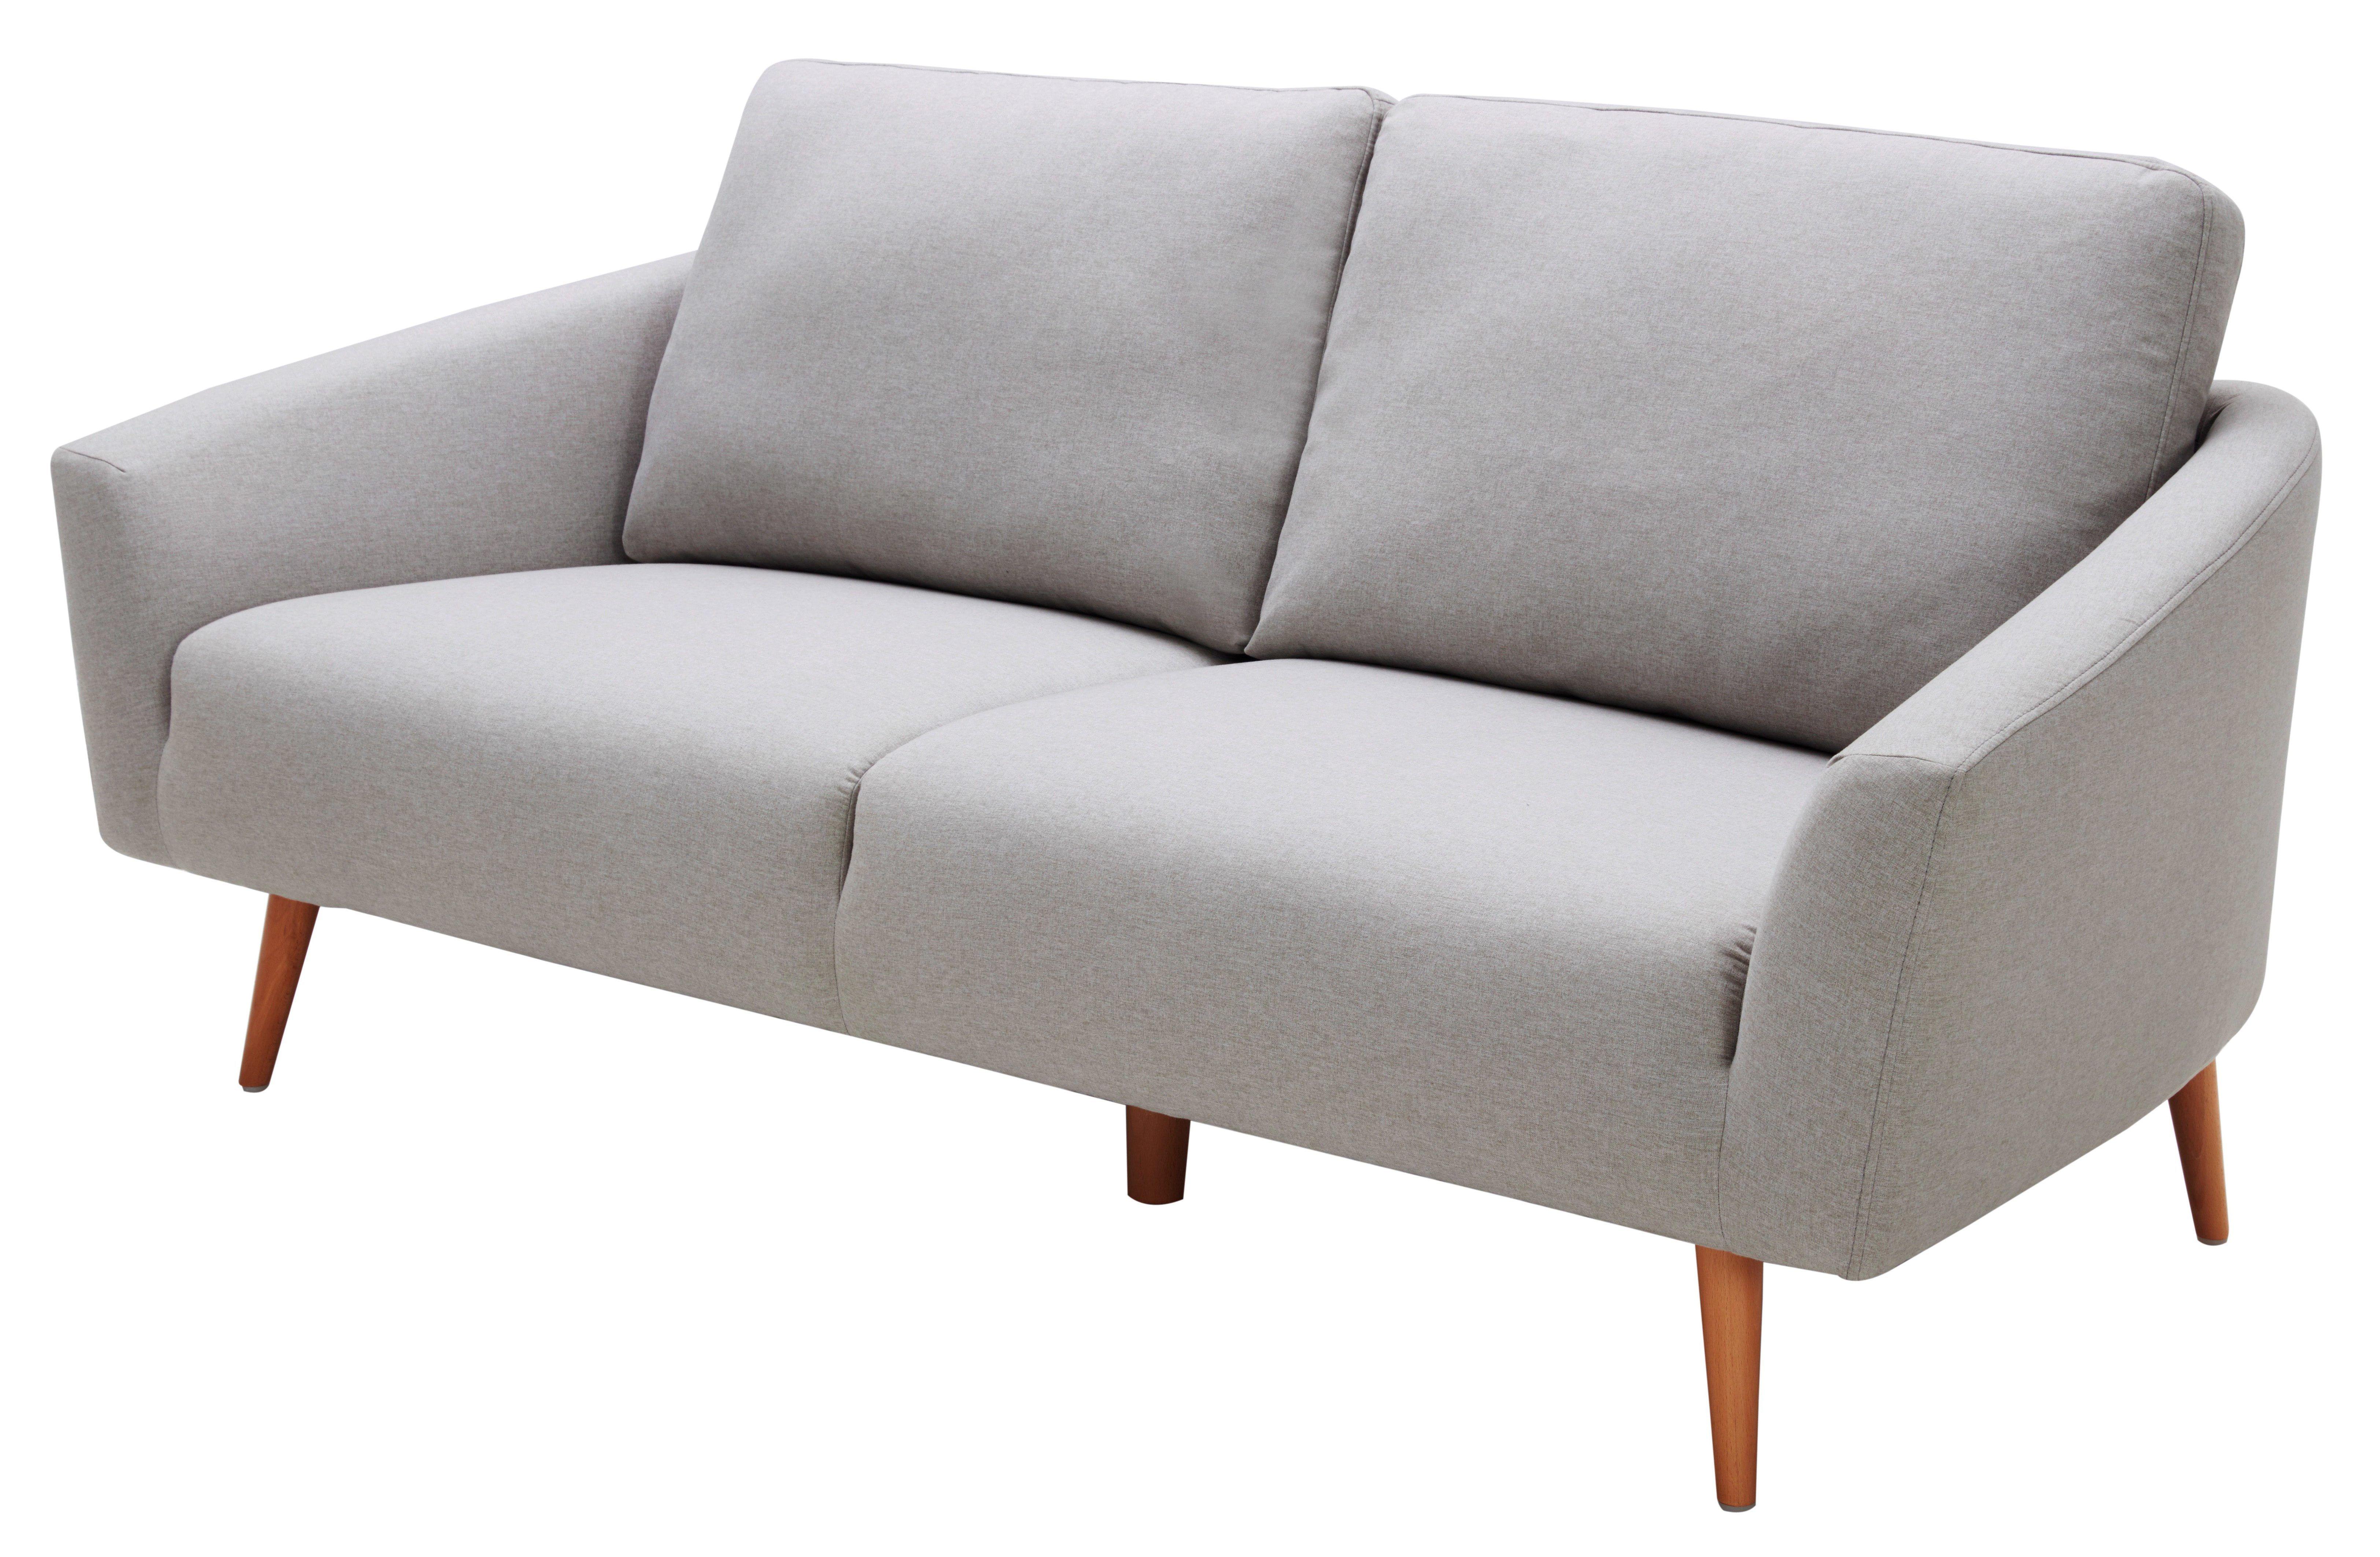 canap 3 places narvik tissu gris clair tissu gris d coration scandinave et les canap s. Black Bedroom Furniture Sets. Home Design Ideas